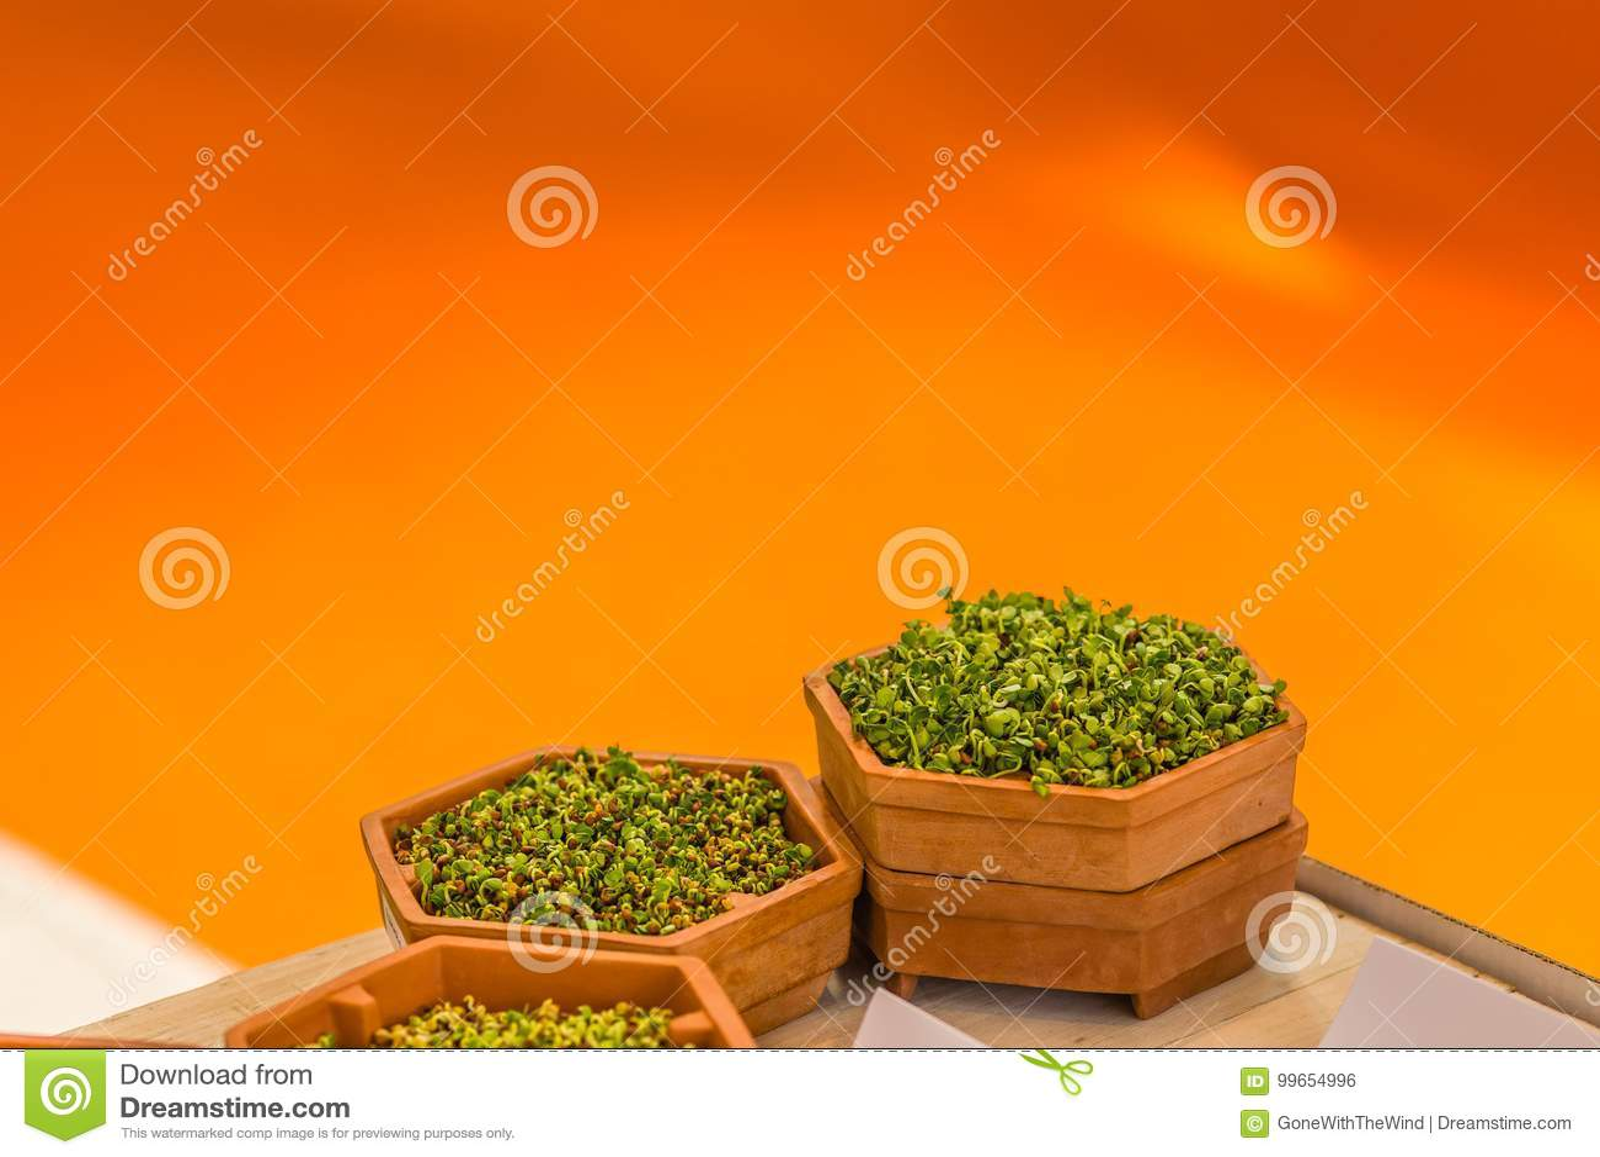 Lanzamientos del verde en potes